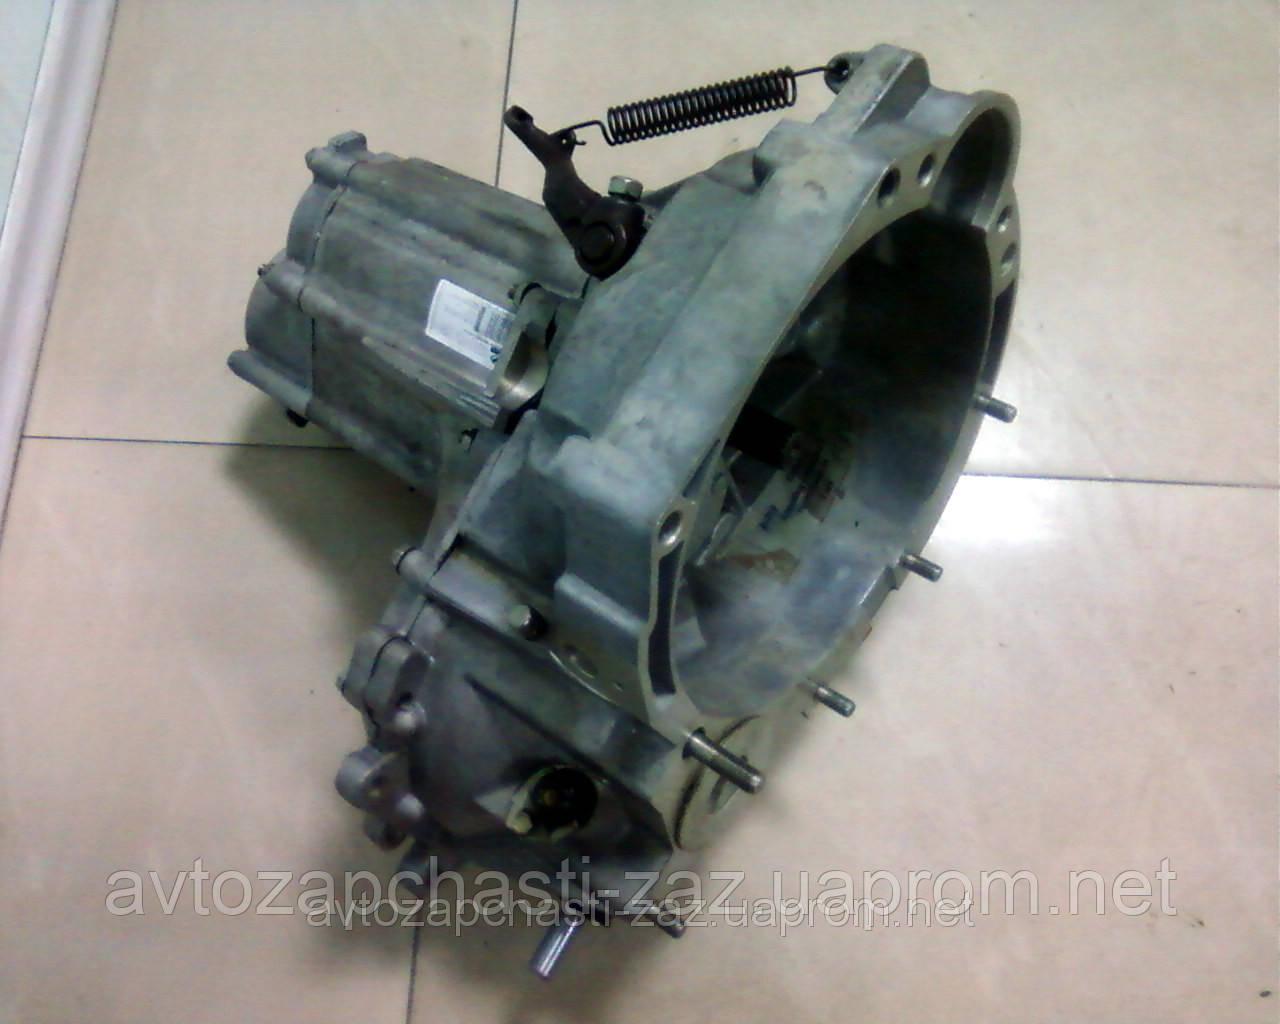 Коробка заводская 245-1700010-13 Tavria КПП ЗАЗ-11055 Усиленная коробка переключения передач Таврия пикап11055